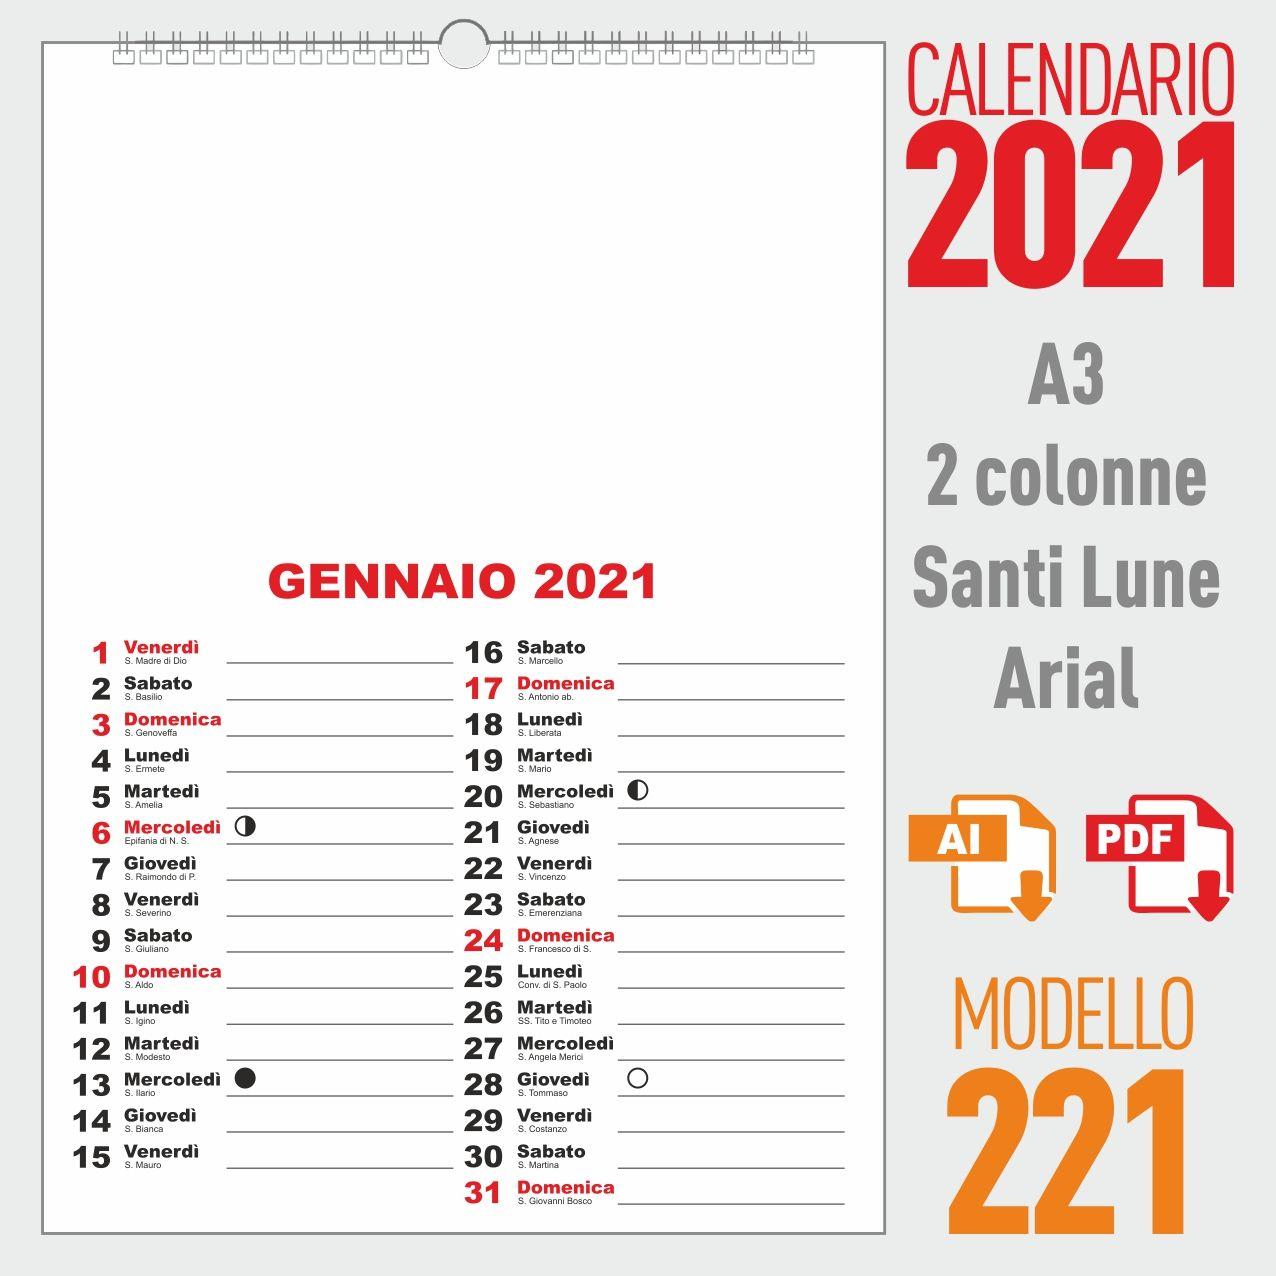 Calendario 2021 mensile nel 2020 | Calendario, Mercoledì, Martedì